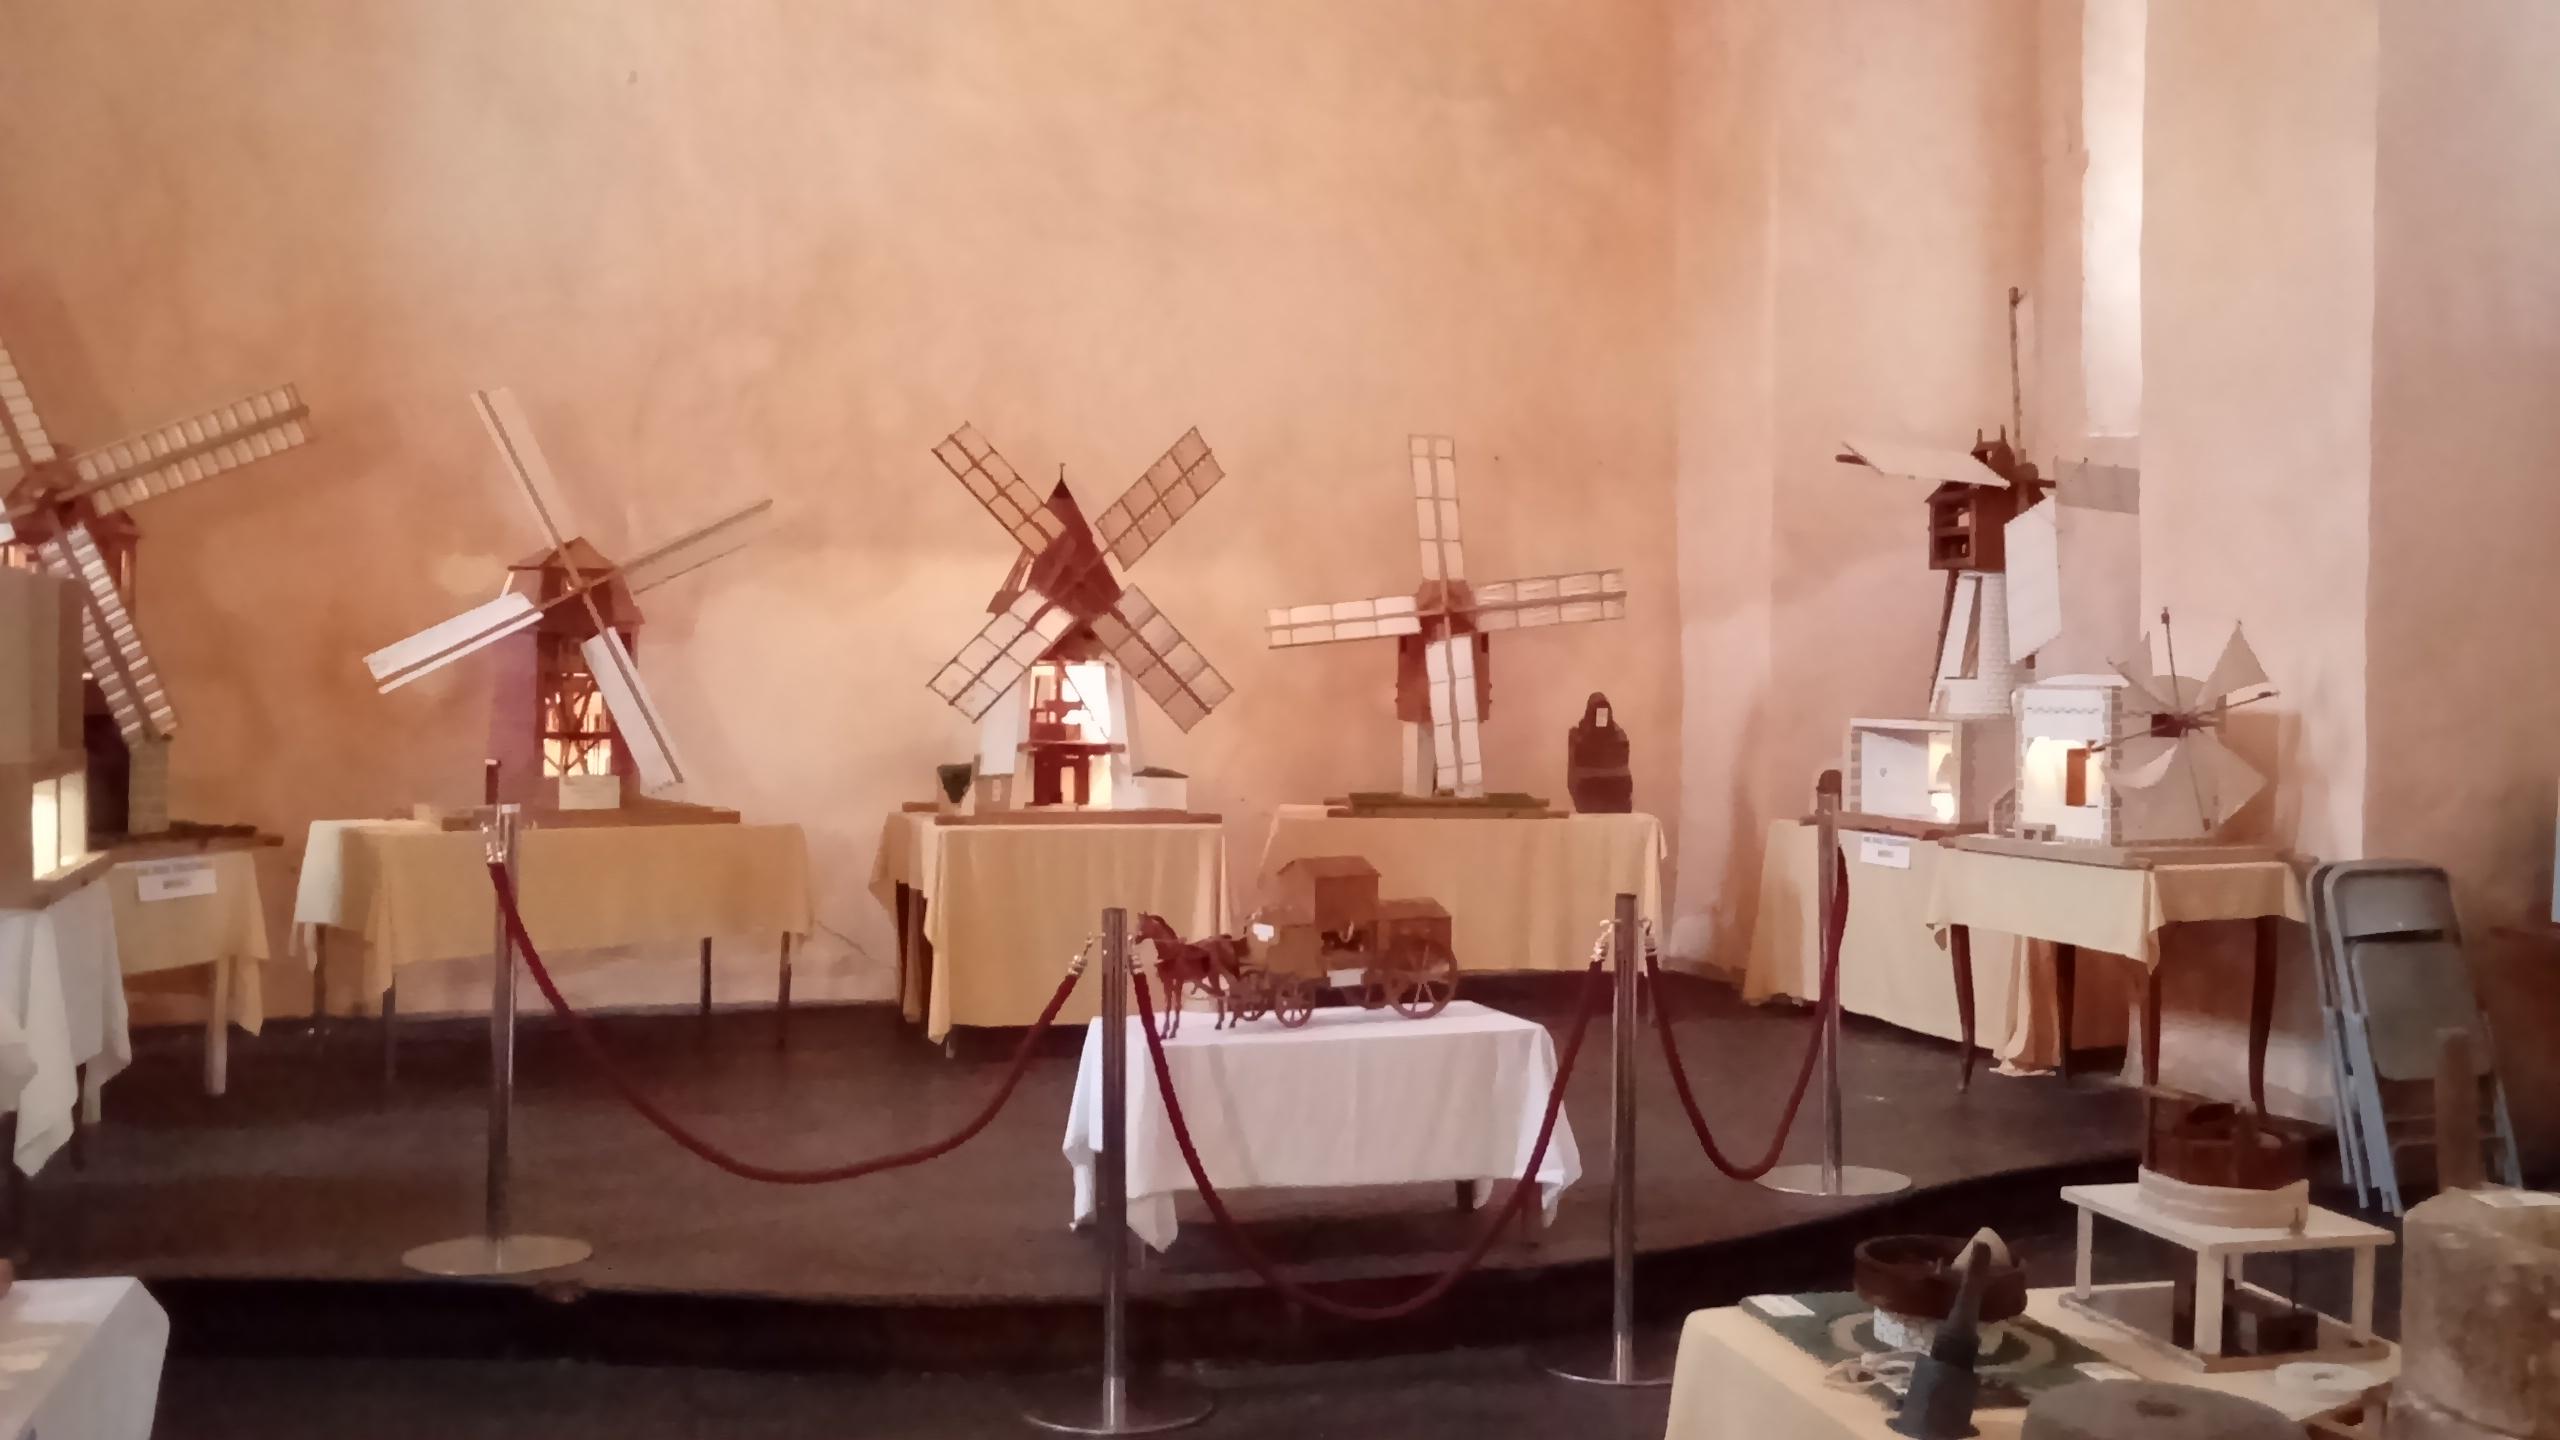 Exposition de Maquettes de Moulins Chapelle des Pénitents à Nant 12230